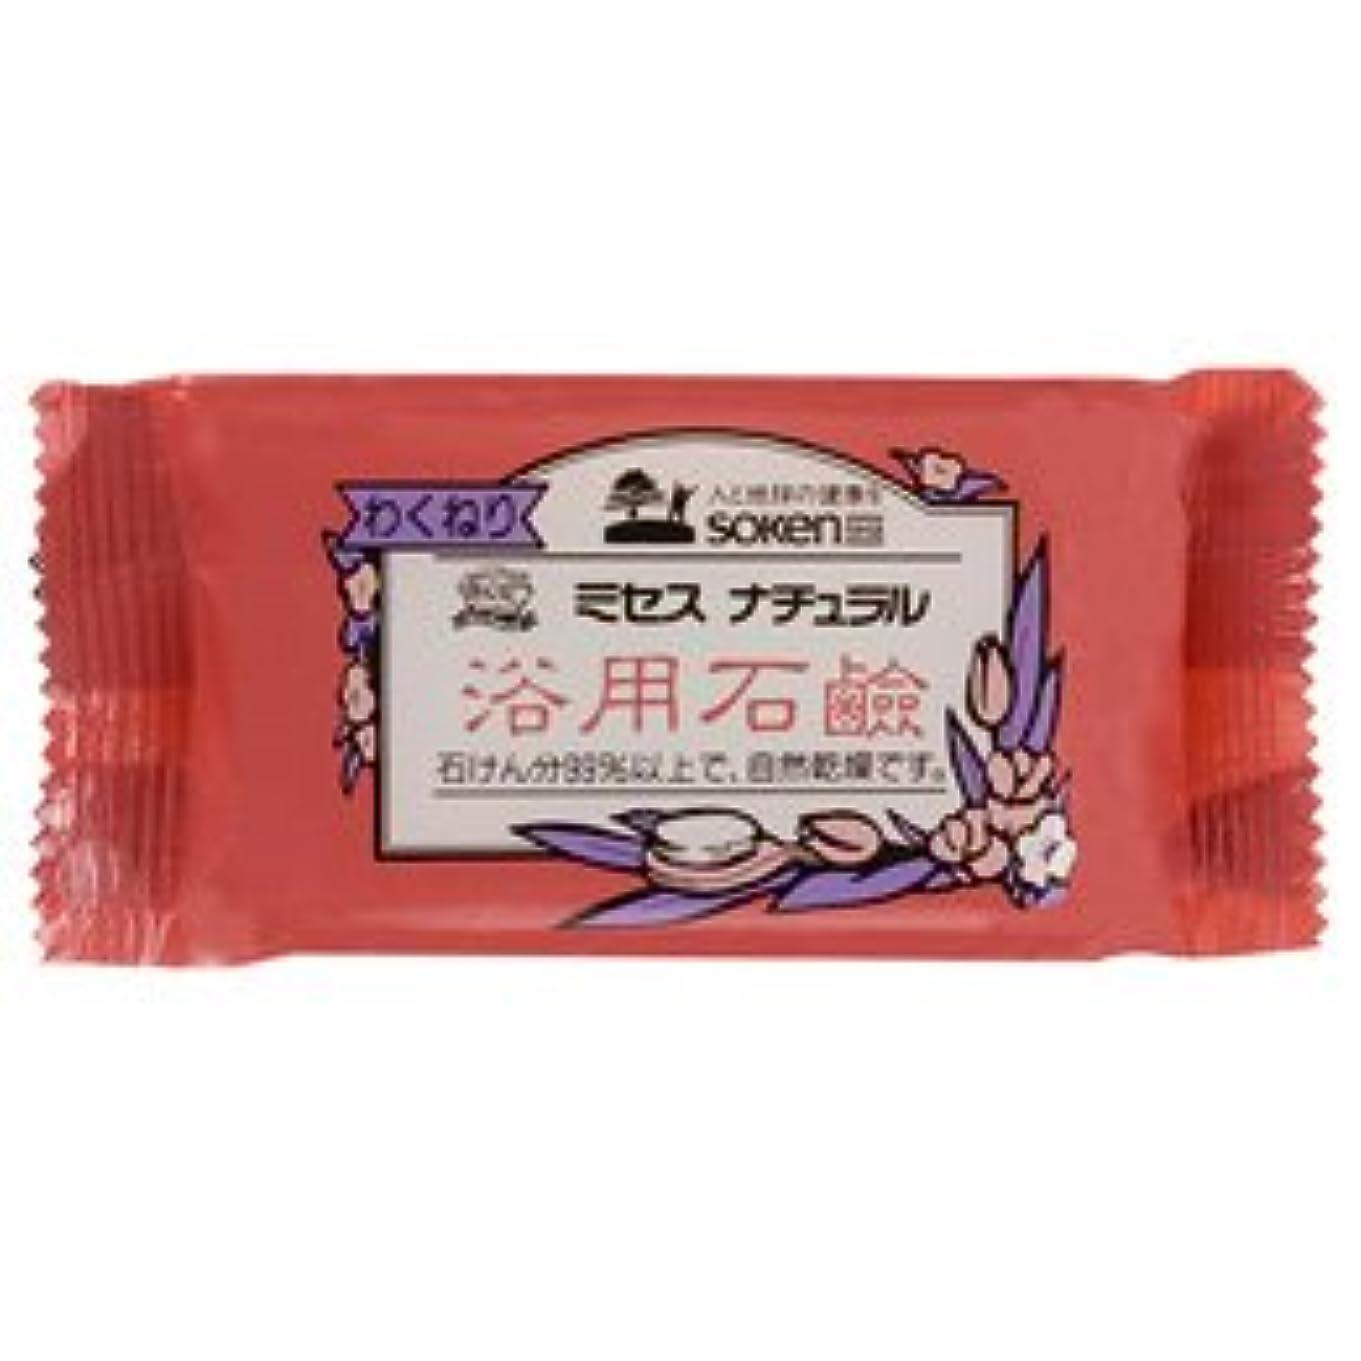 未使用浸透する創健社 ミセスナチュラル 浴用石鹸 110g ケース(120個入)